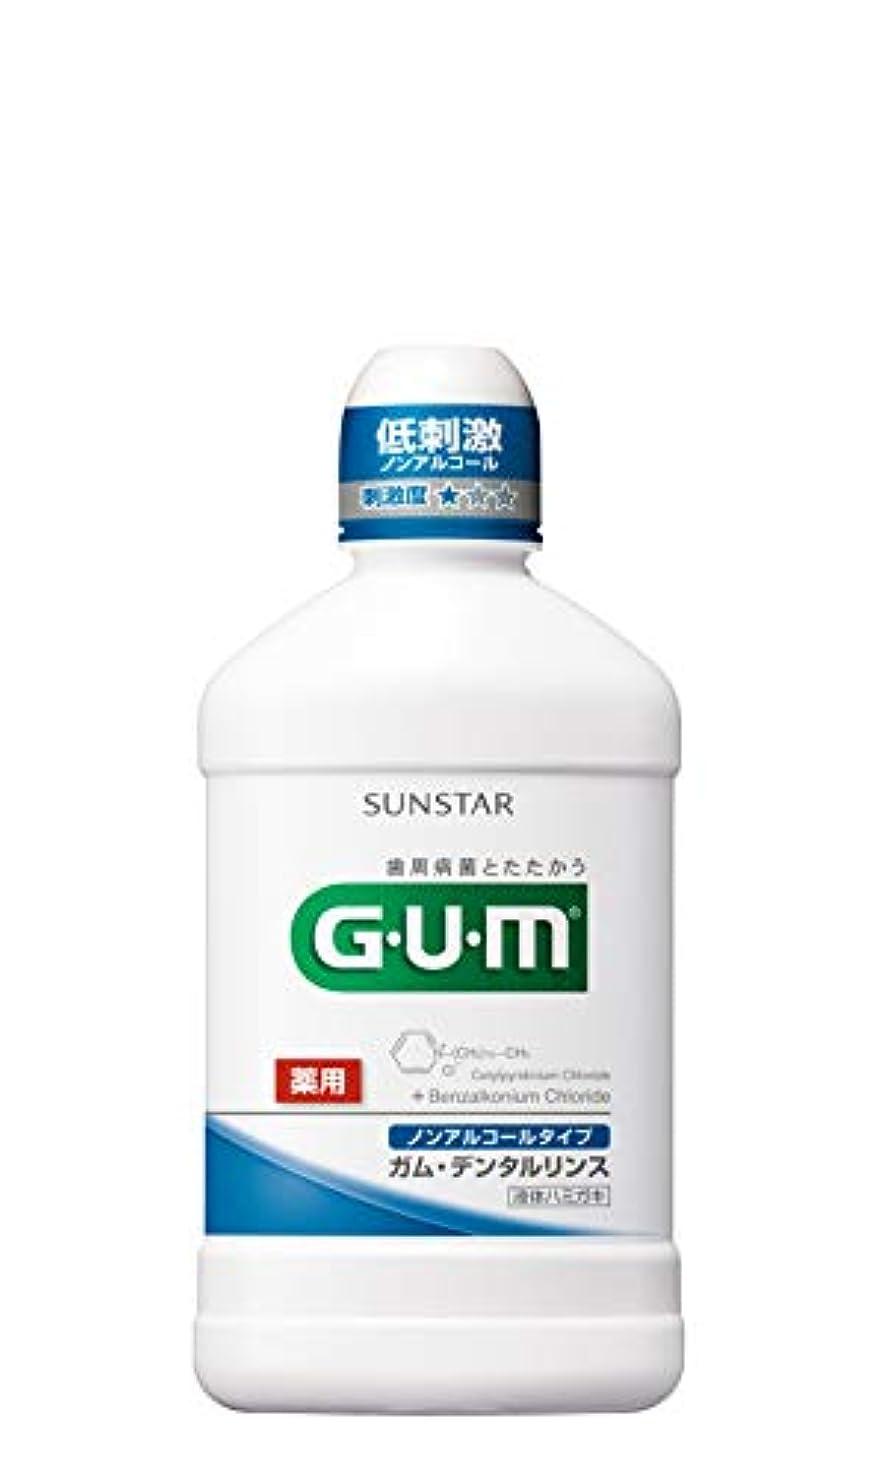 同僚取り壊す説得[医薬部外品] GUM(ガム) デンタルリンス ノンアルコールタイプ 薬用液体ハミガキ 250ML <歯周病予防 口臭予防>